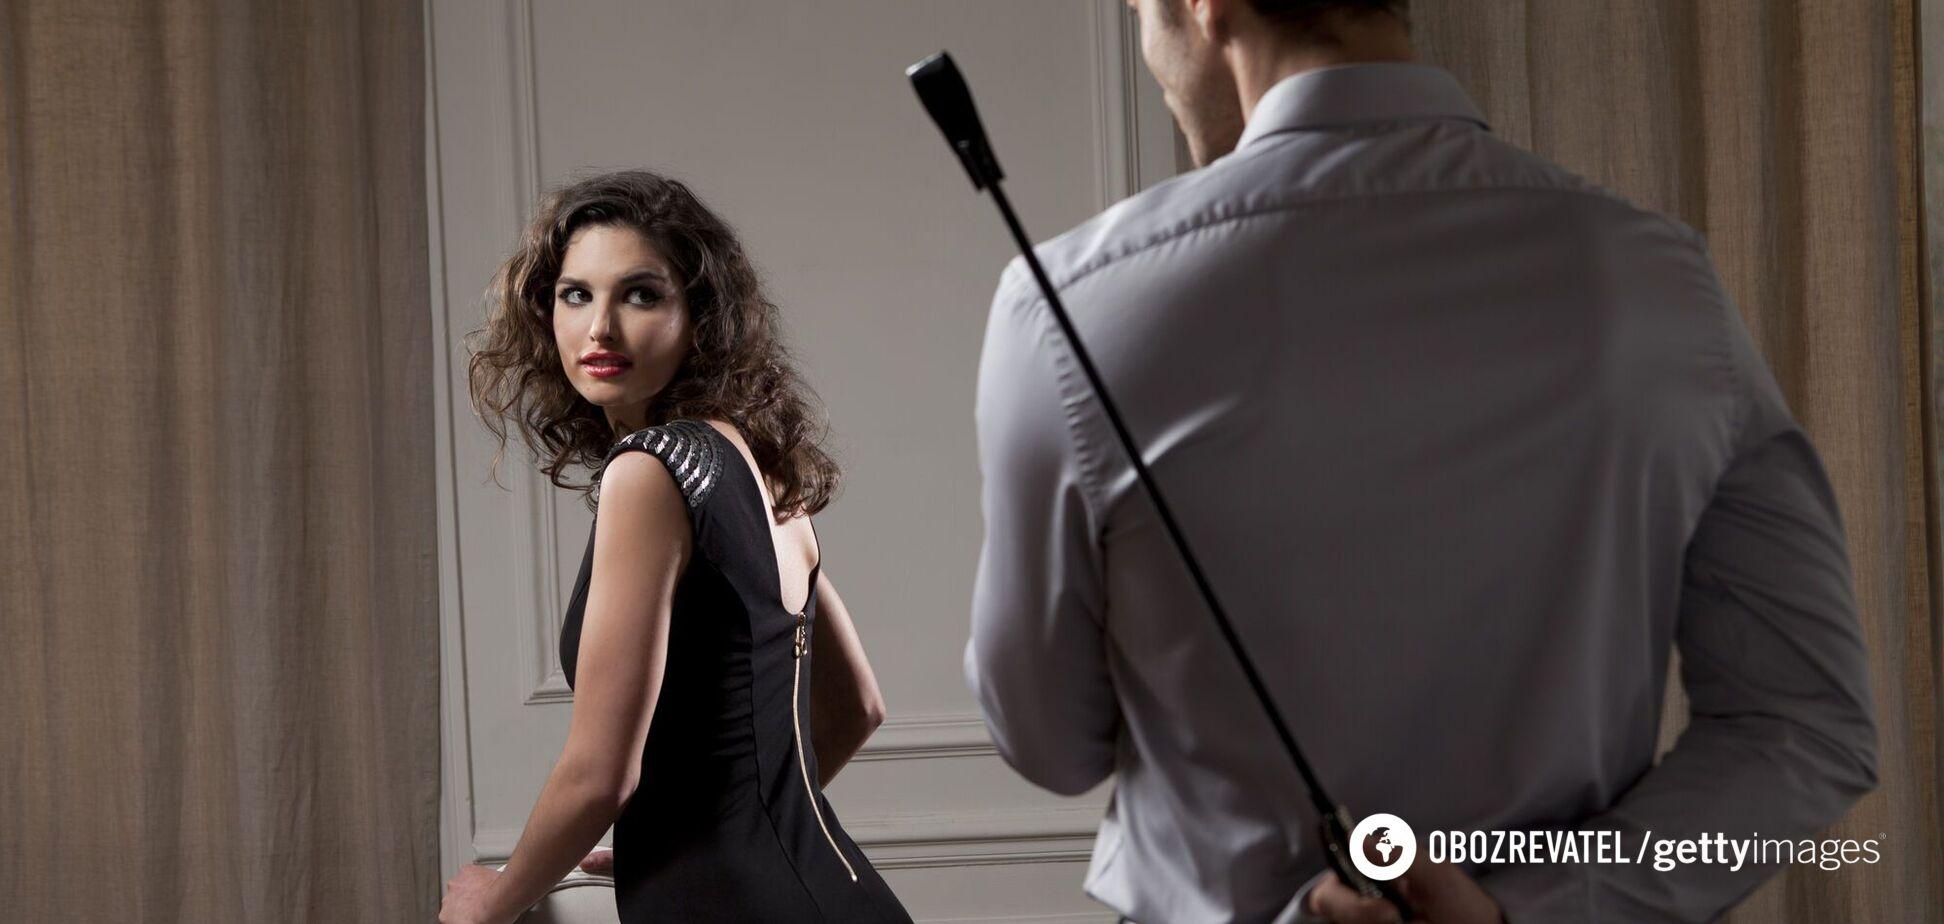 Сексуальная несовместимость: когда паре стоит задуматься